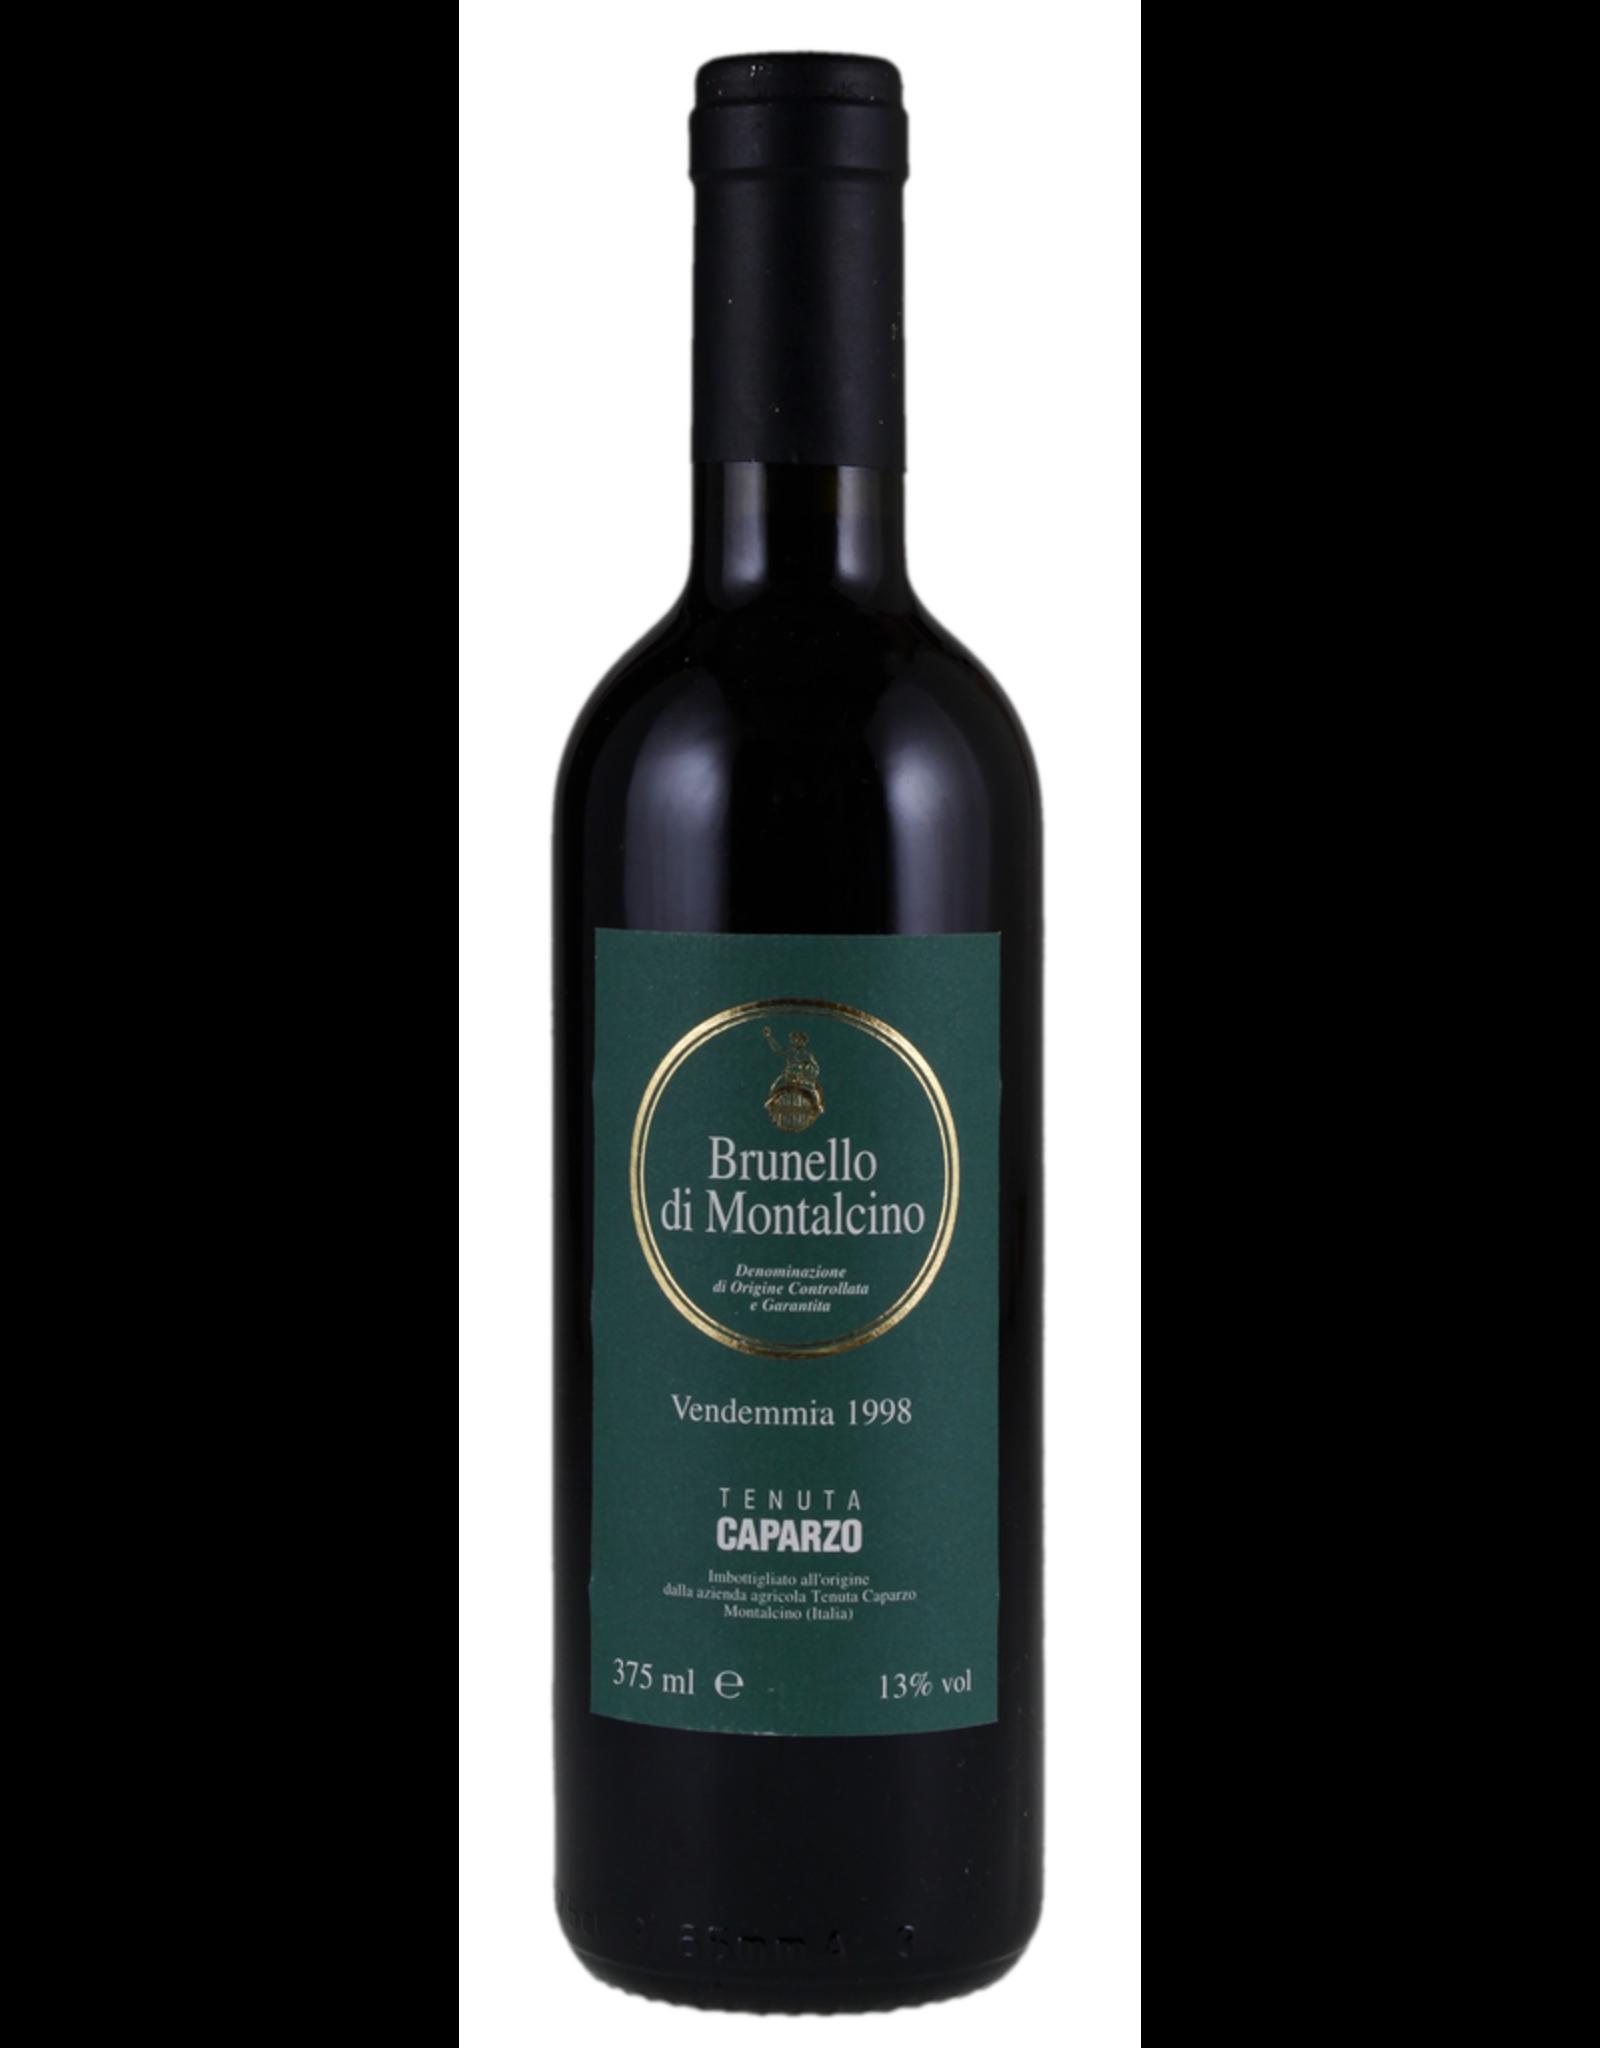 Red Wine 1998, Caparzo Brunello di Montalcino, Sangiovese, Montalcino, Tuscany, Italy, 13% Alc, CTnr